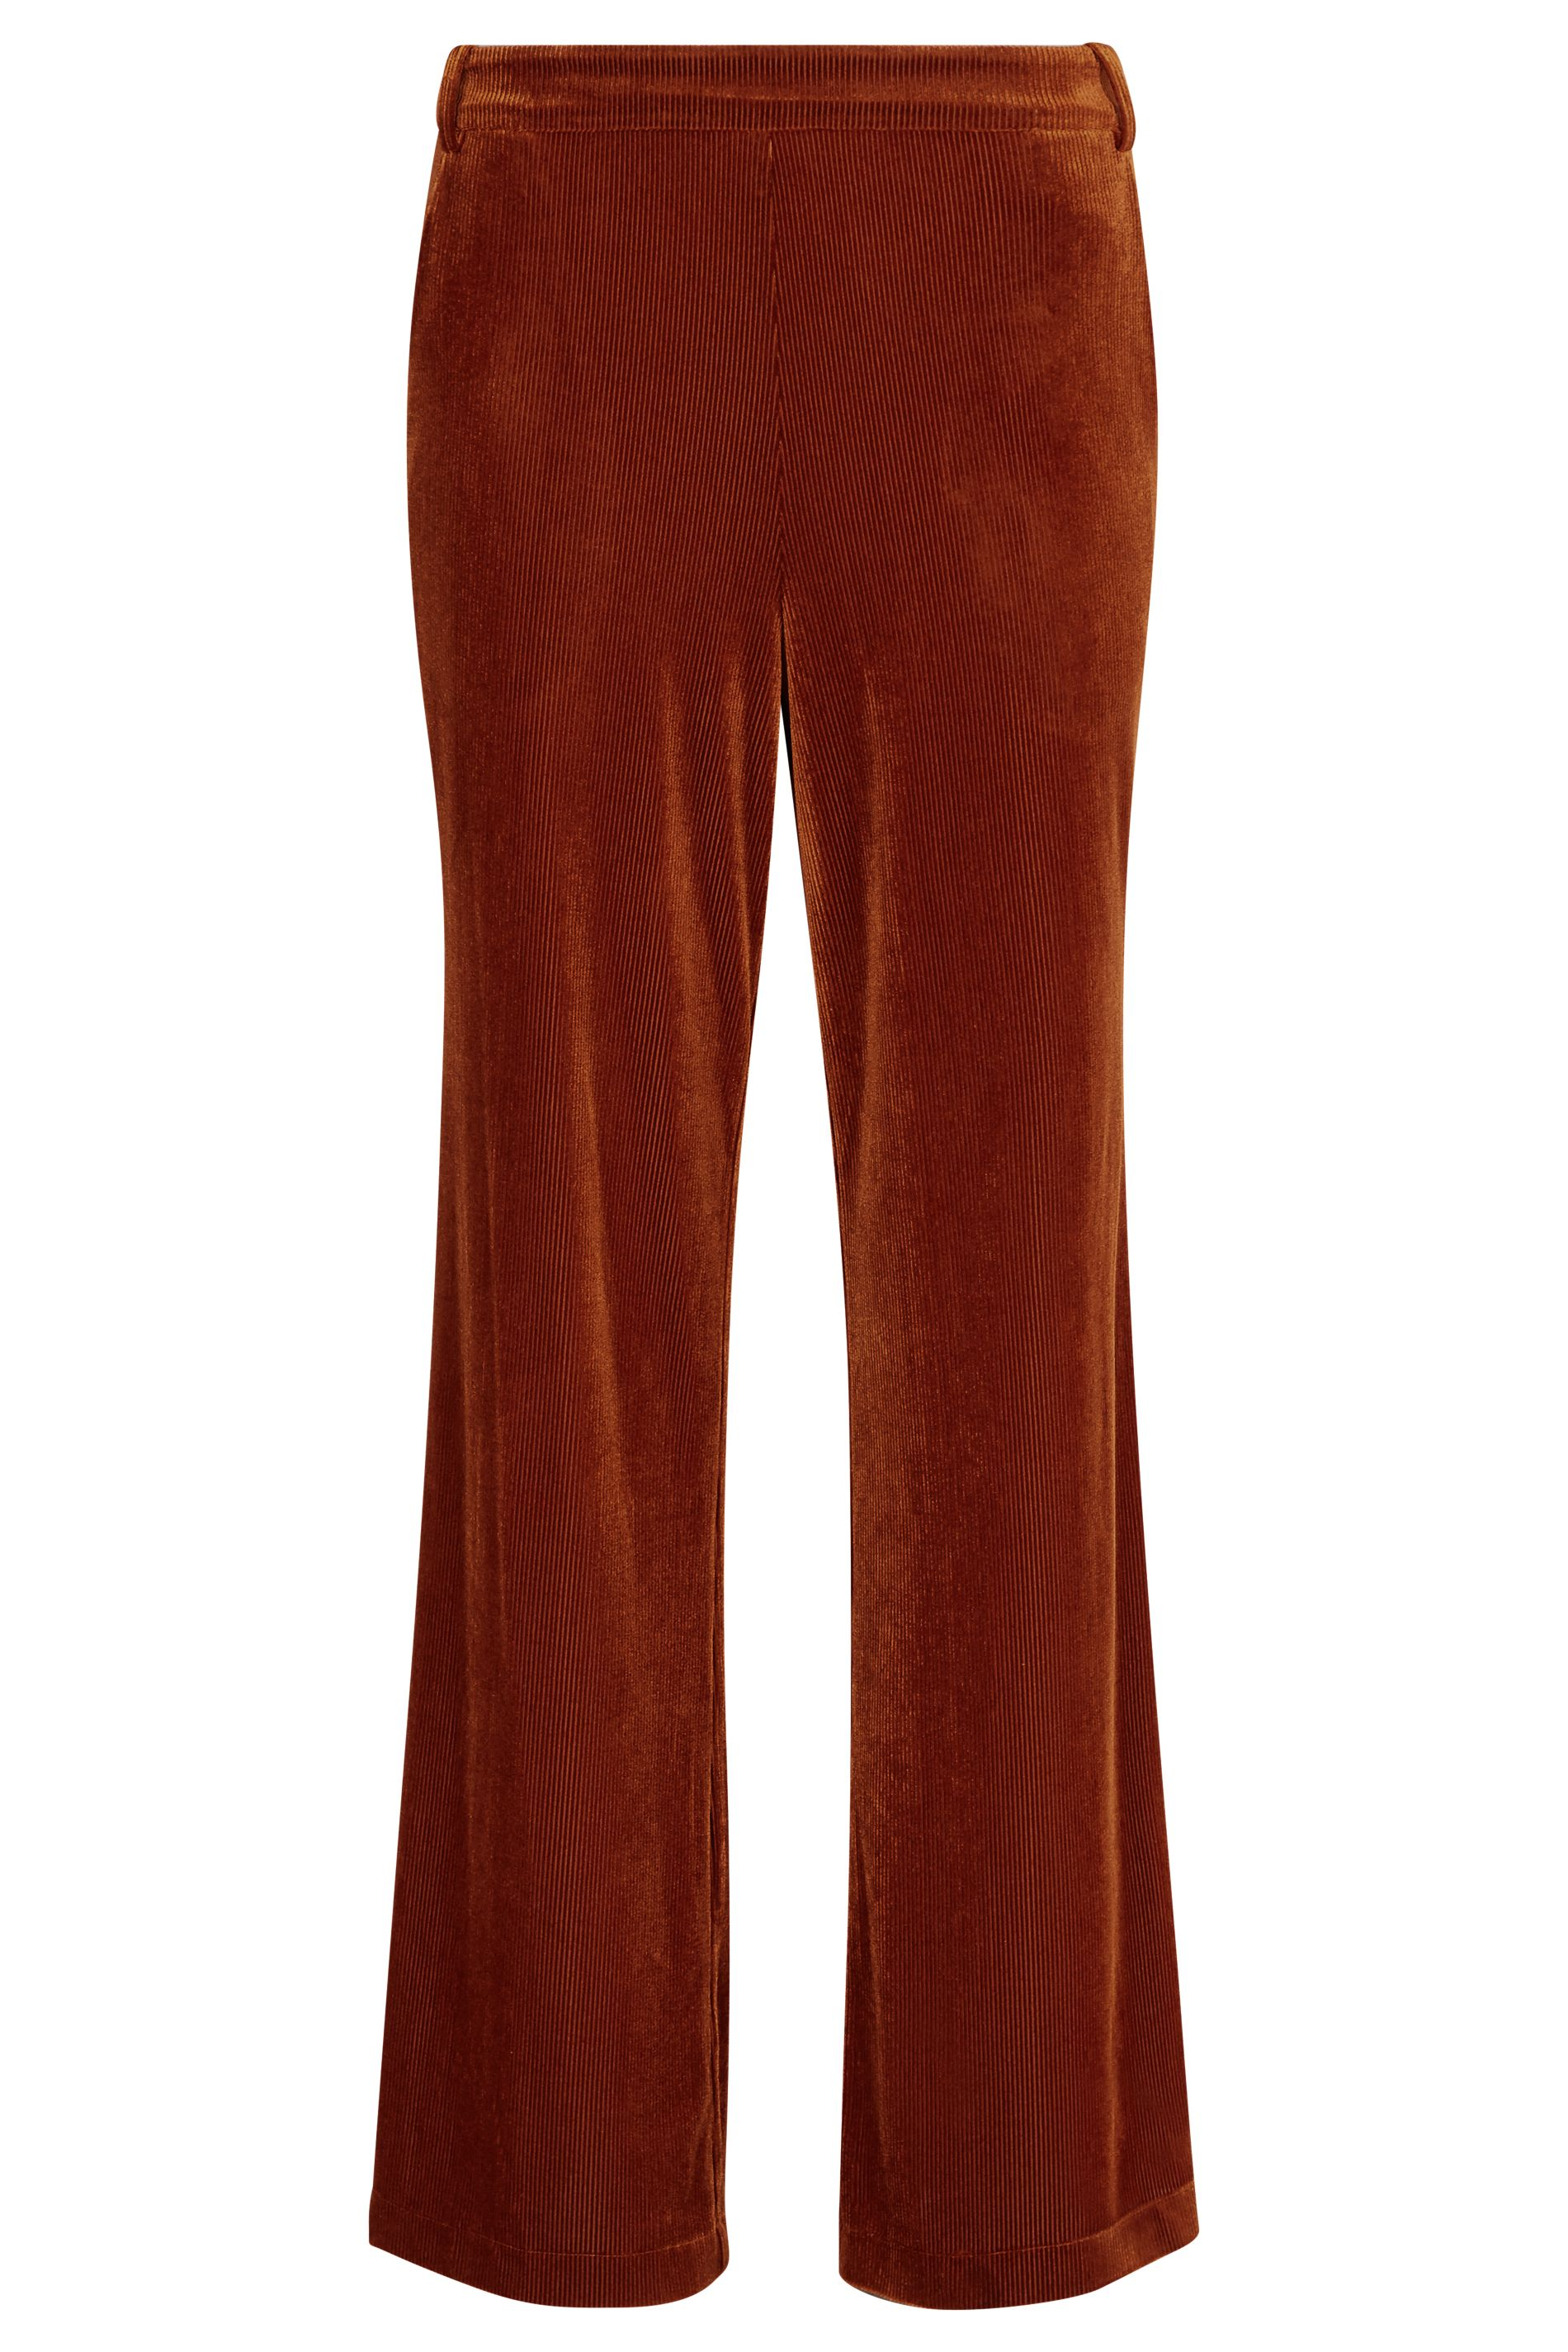 JIC Straight Leg Velvet Trousers in Rust Brown